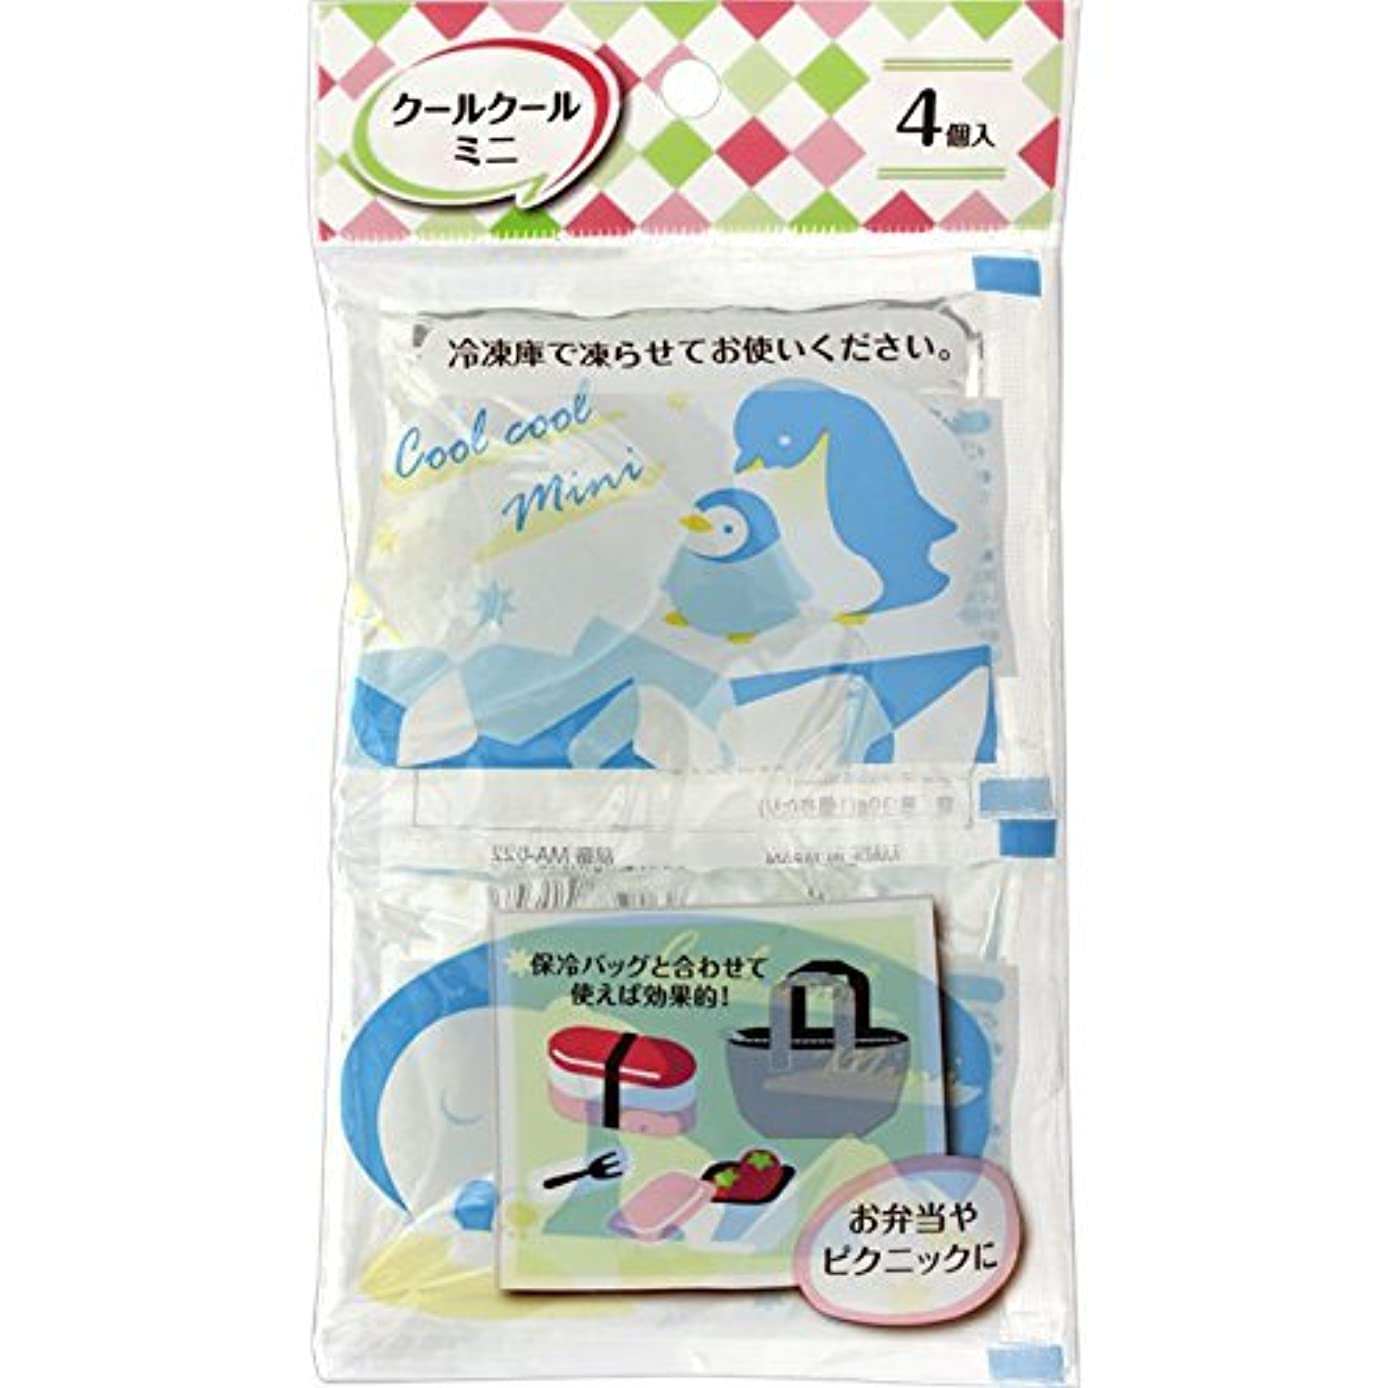 みなさん矛盾するシングルストリックスデザイン クールクール ミニ 保冷剤 ホワイト 7.3×9.5cm MA-022 4個入